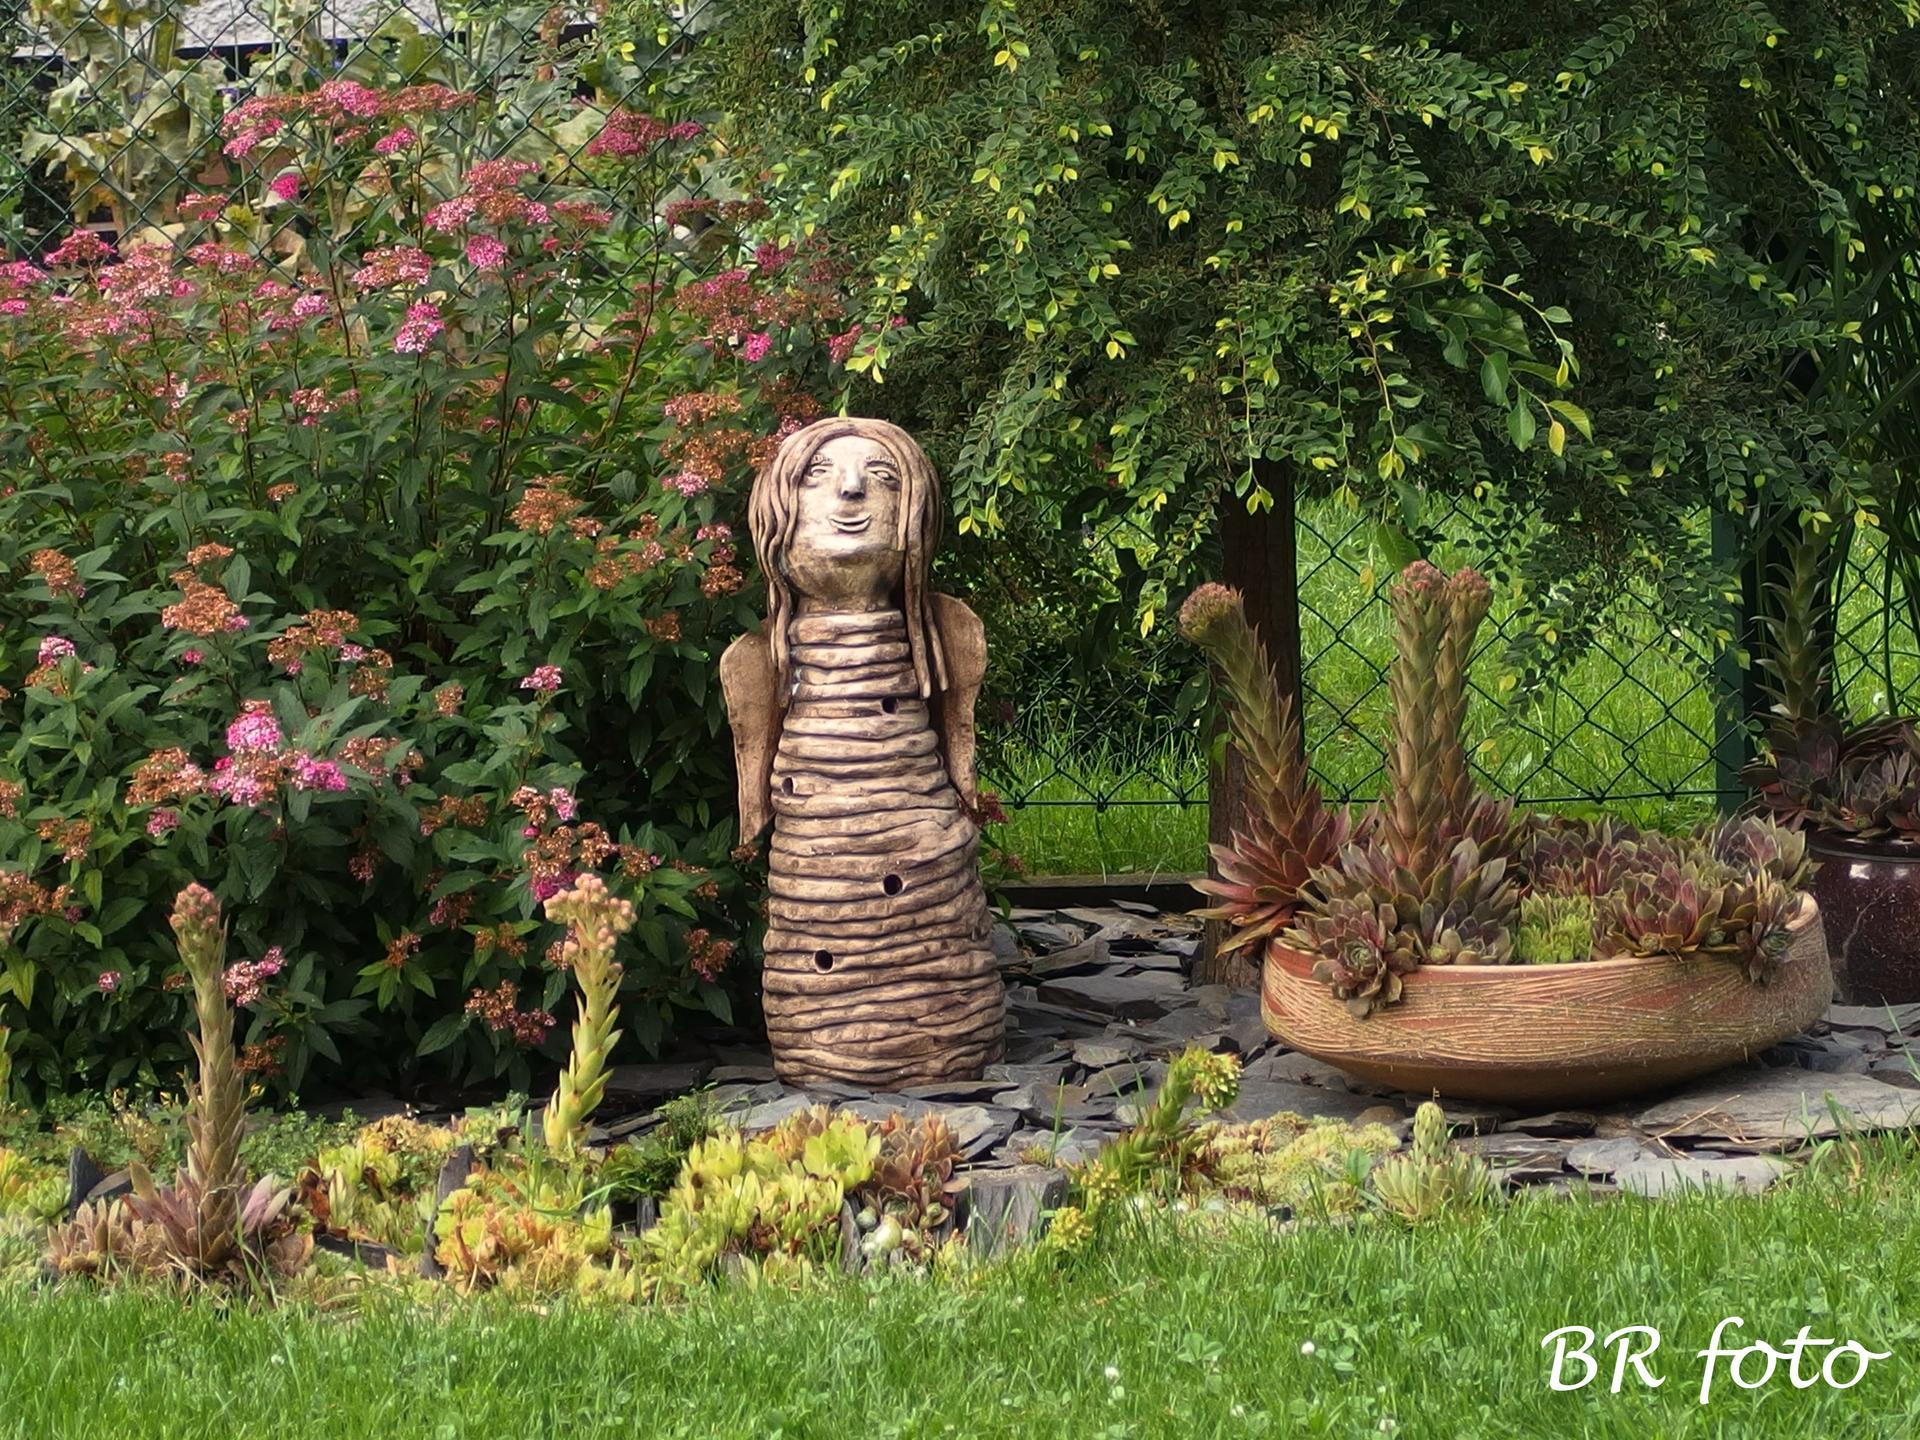 Zahrada v létě - Amálka